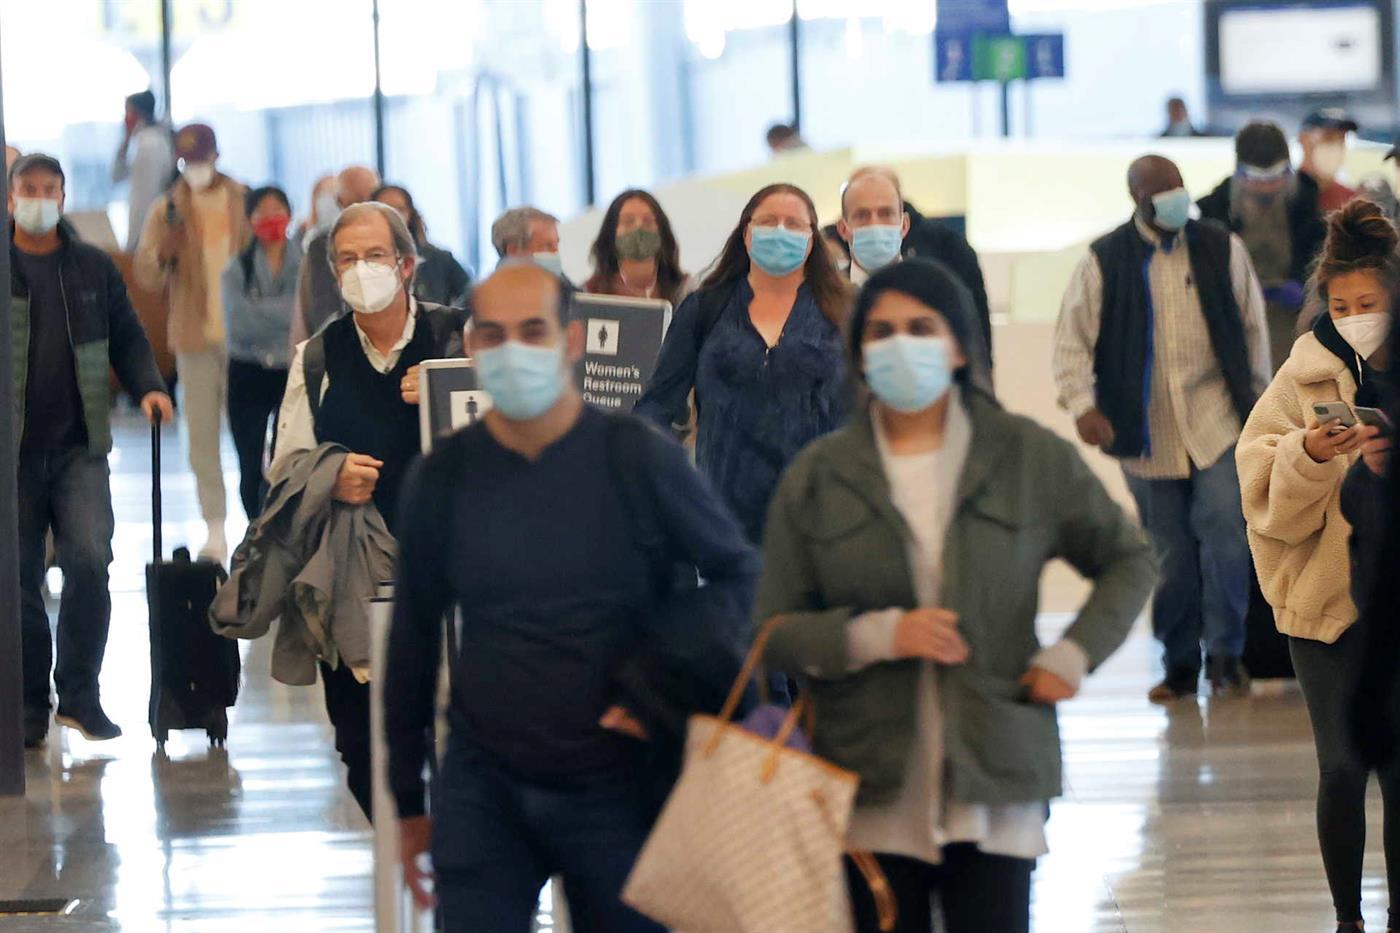 O vírus responsável pela pandemia de covid-19 não vai desaparecer, diz especialista norte-americano.